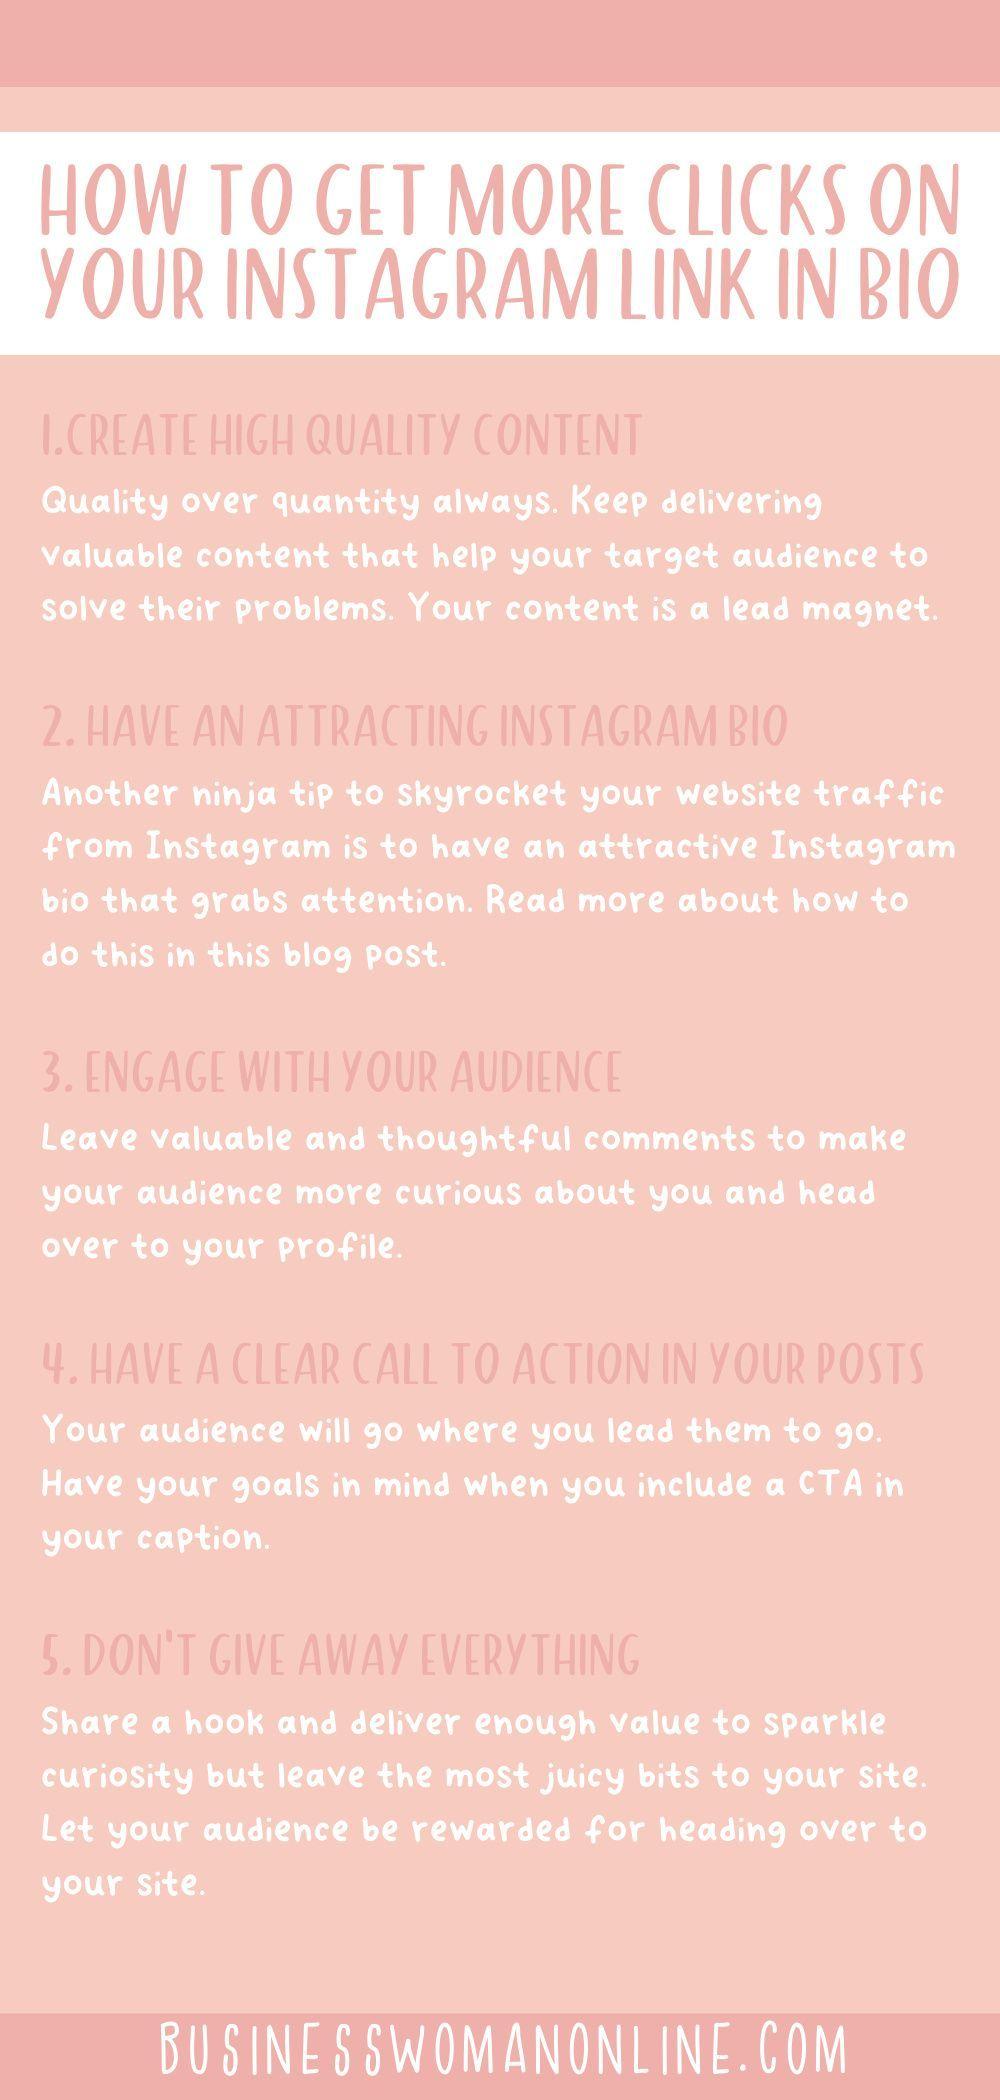 Get More Clicks On Your Instagram Link In Bio Business Woman Online In 2020 Instagram Tips Online Blog Instagram